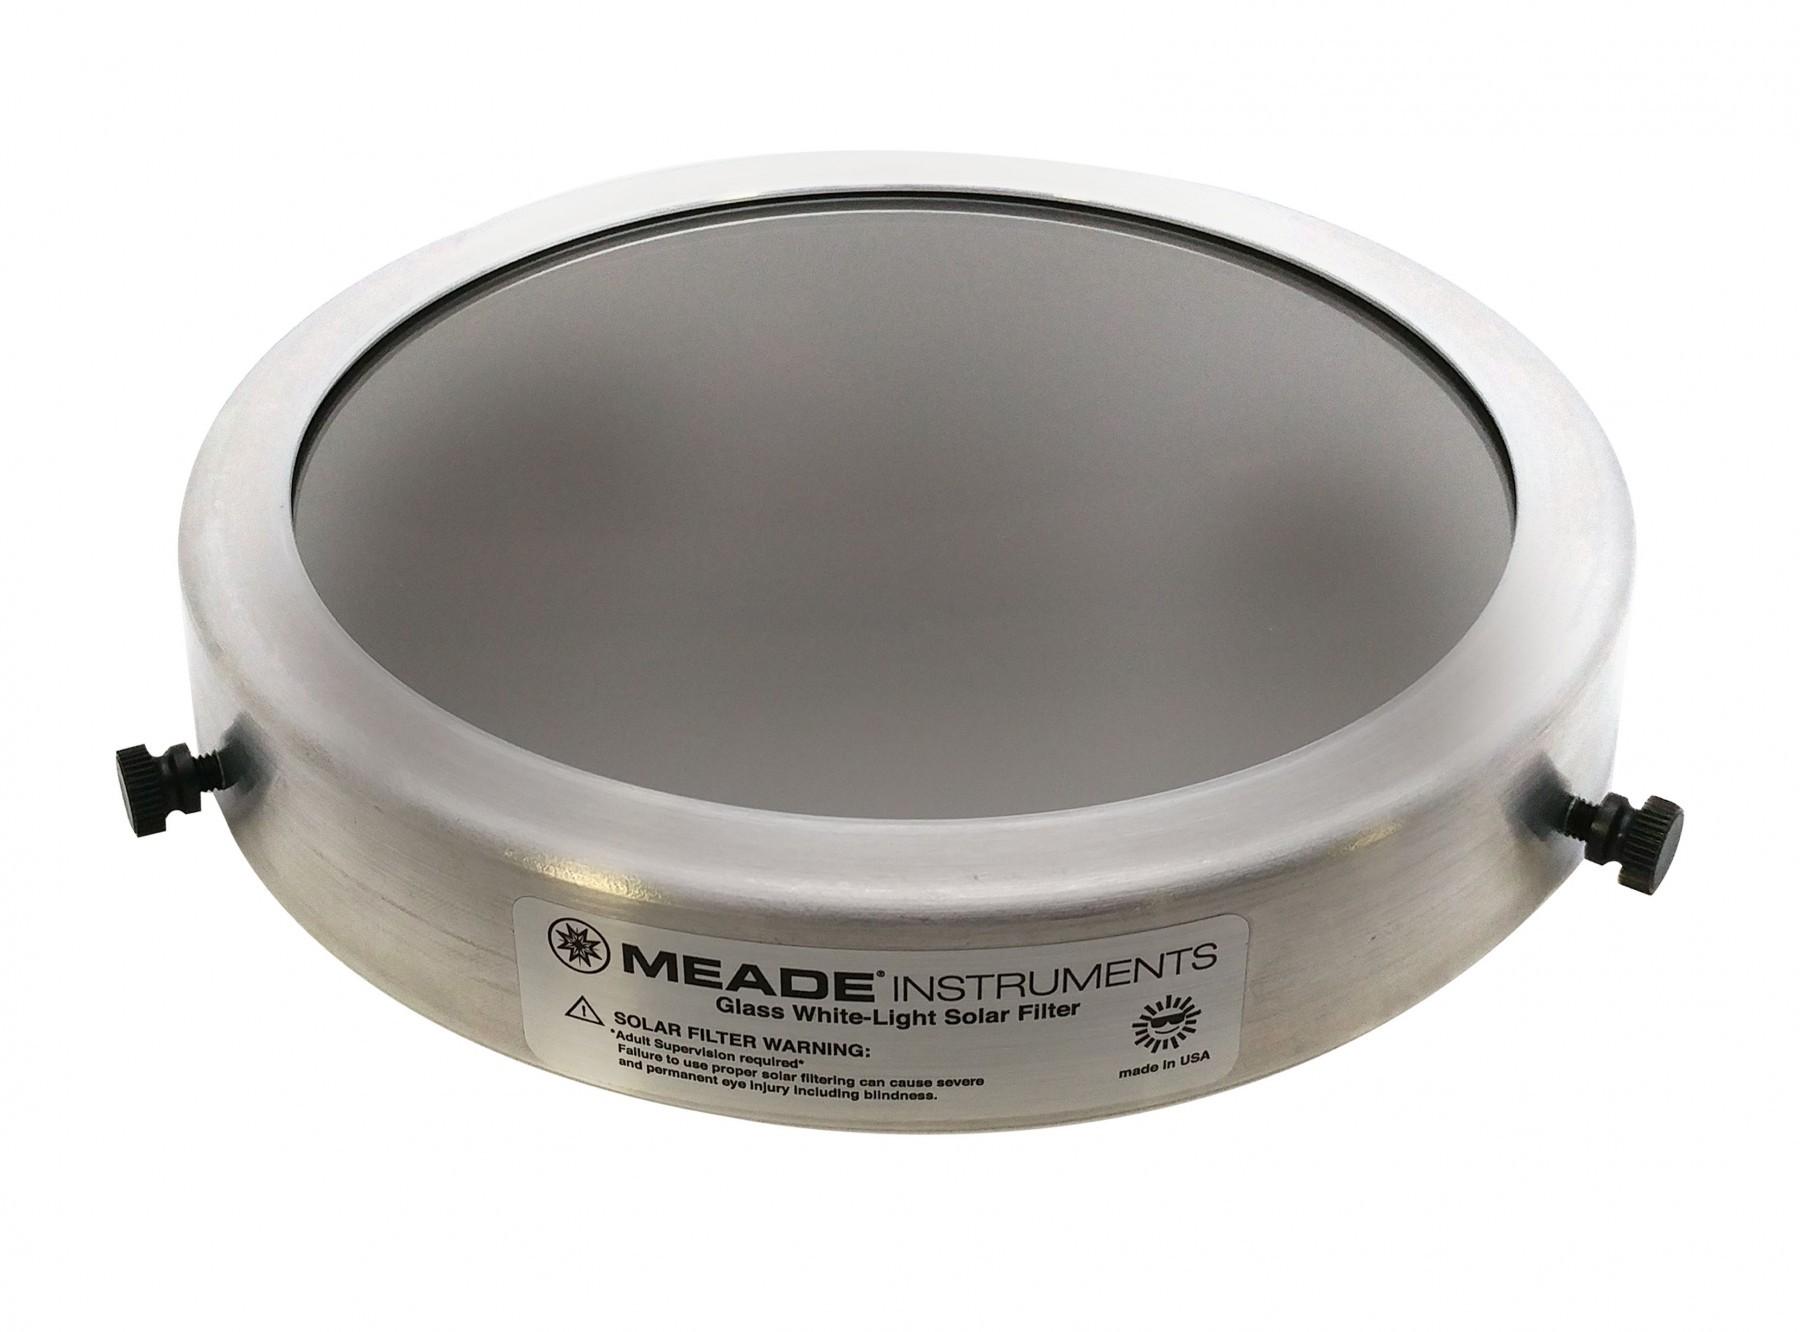 Meade Glass White-light Solar Filter #950